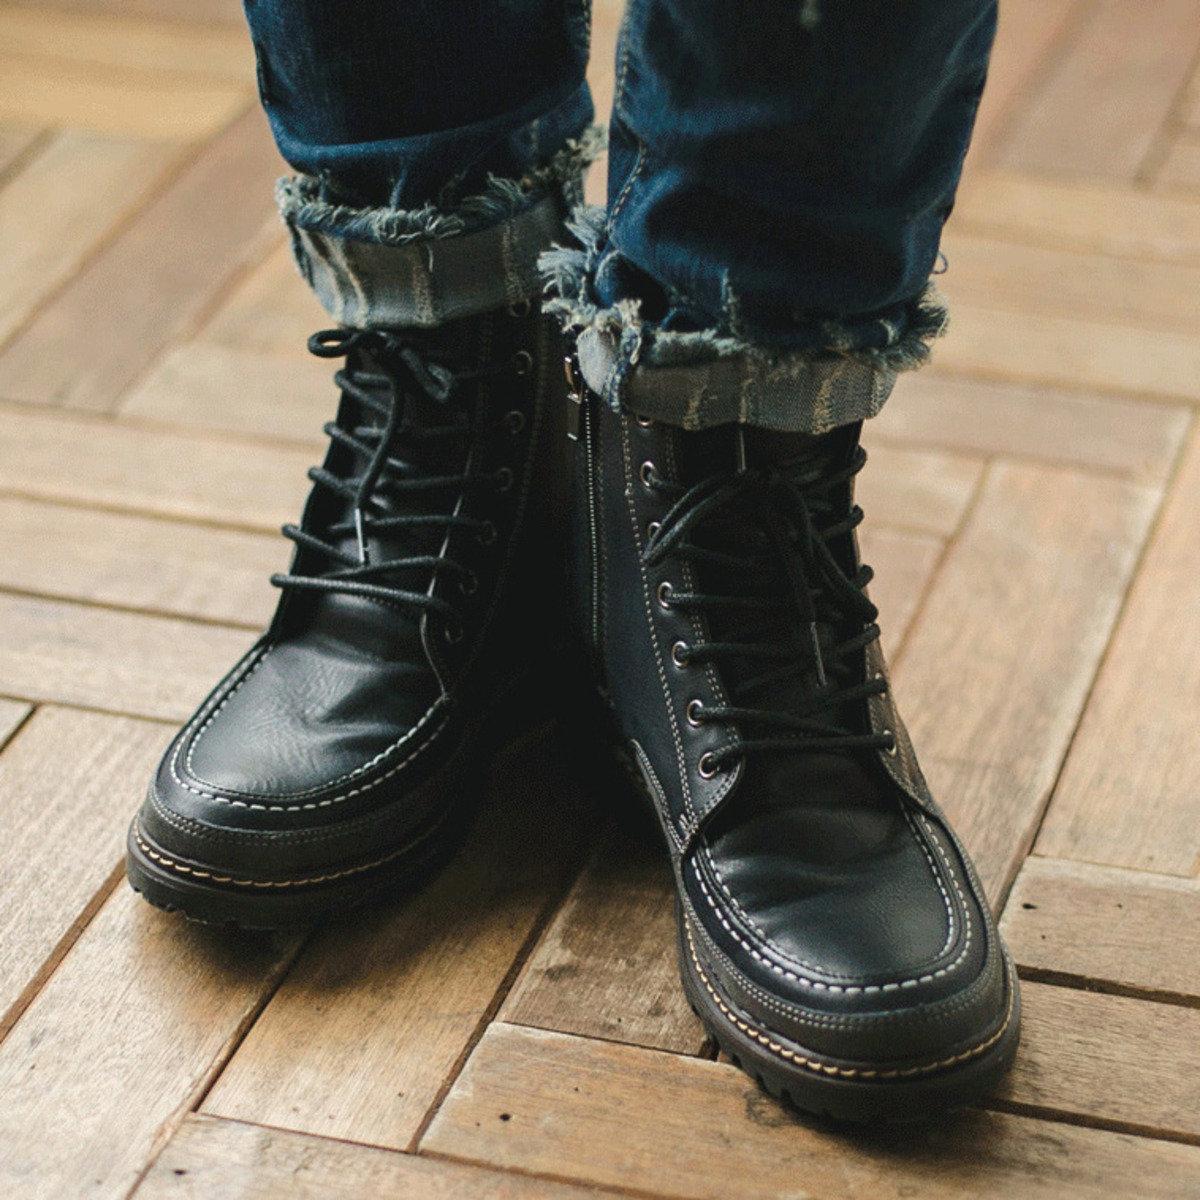 Phantom皮靴_SH6_151202009